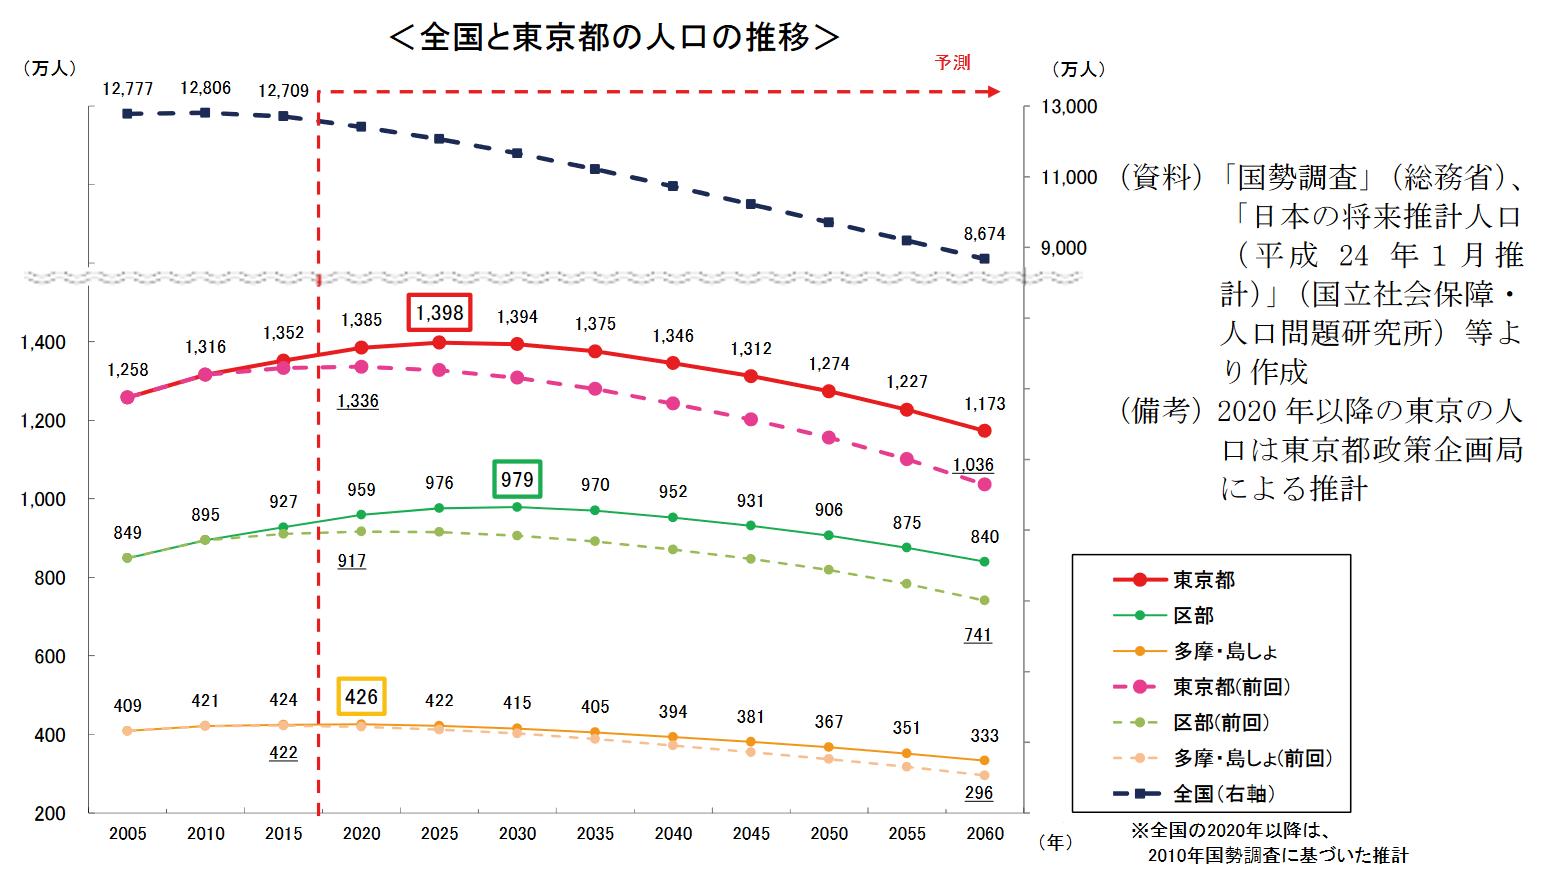 全国と東京都の人口推移